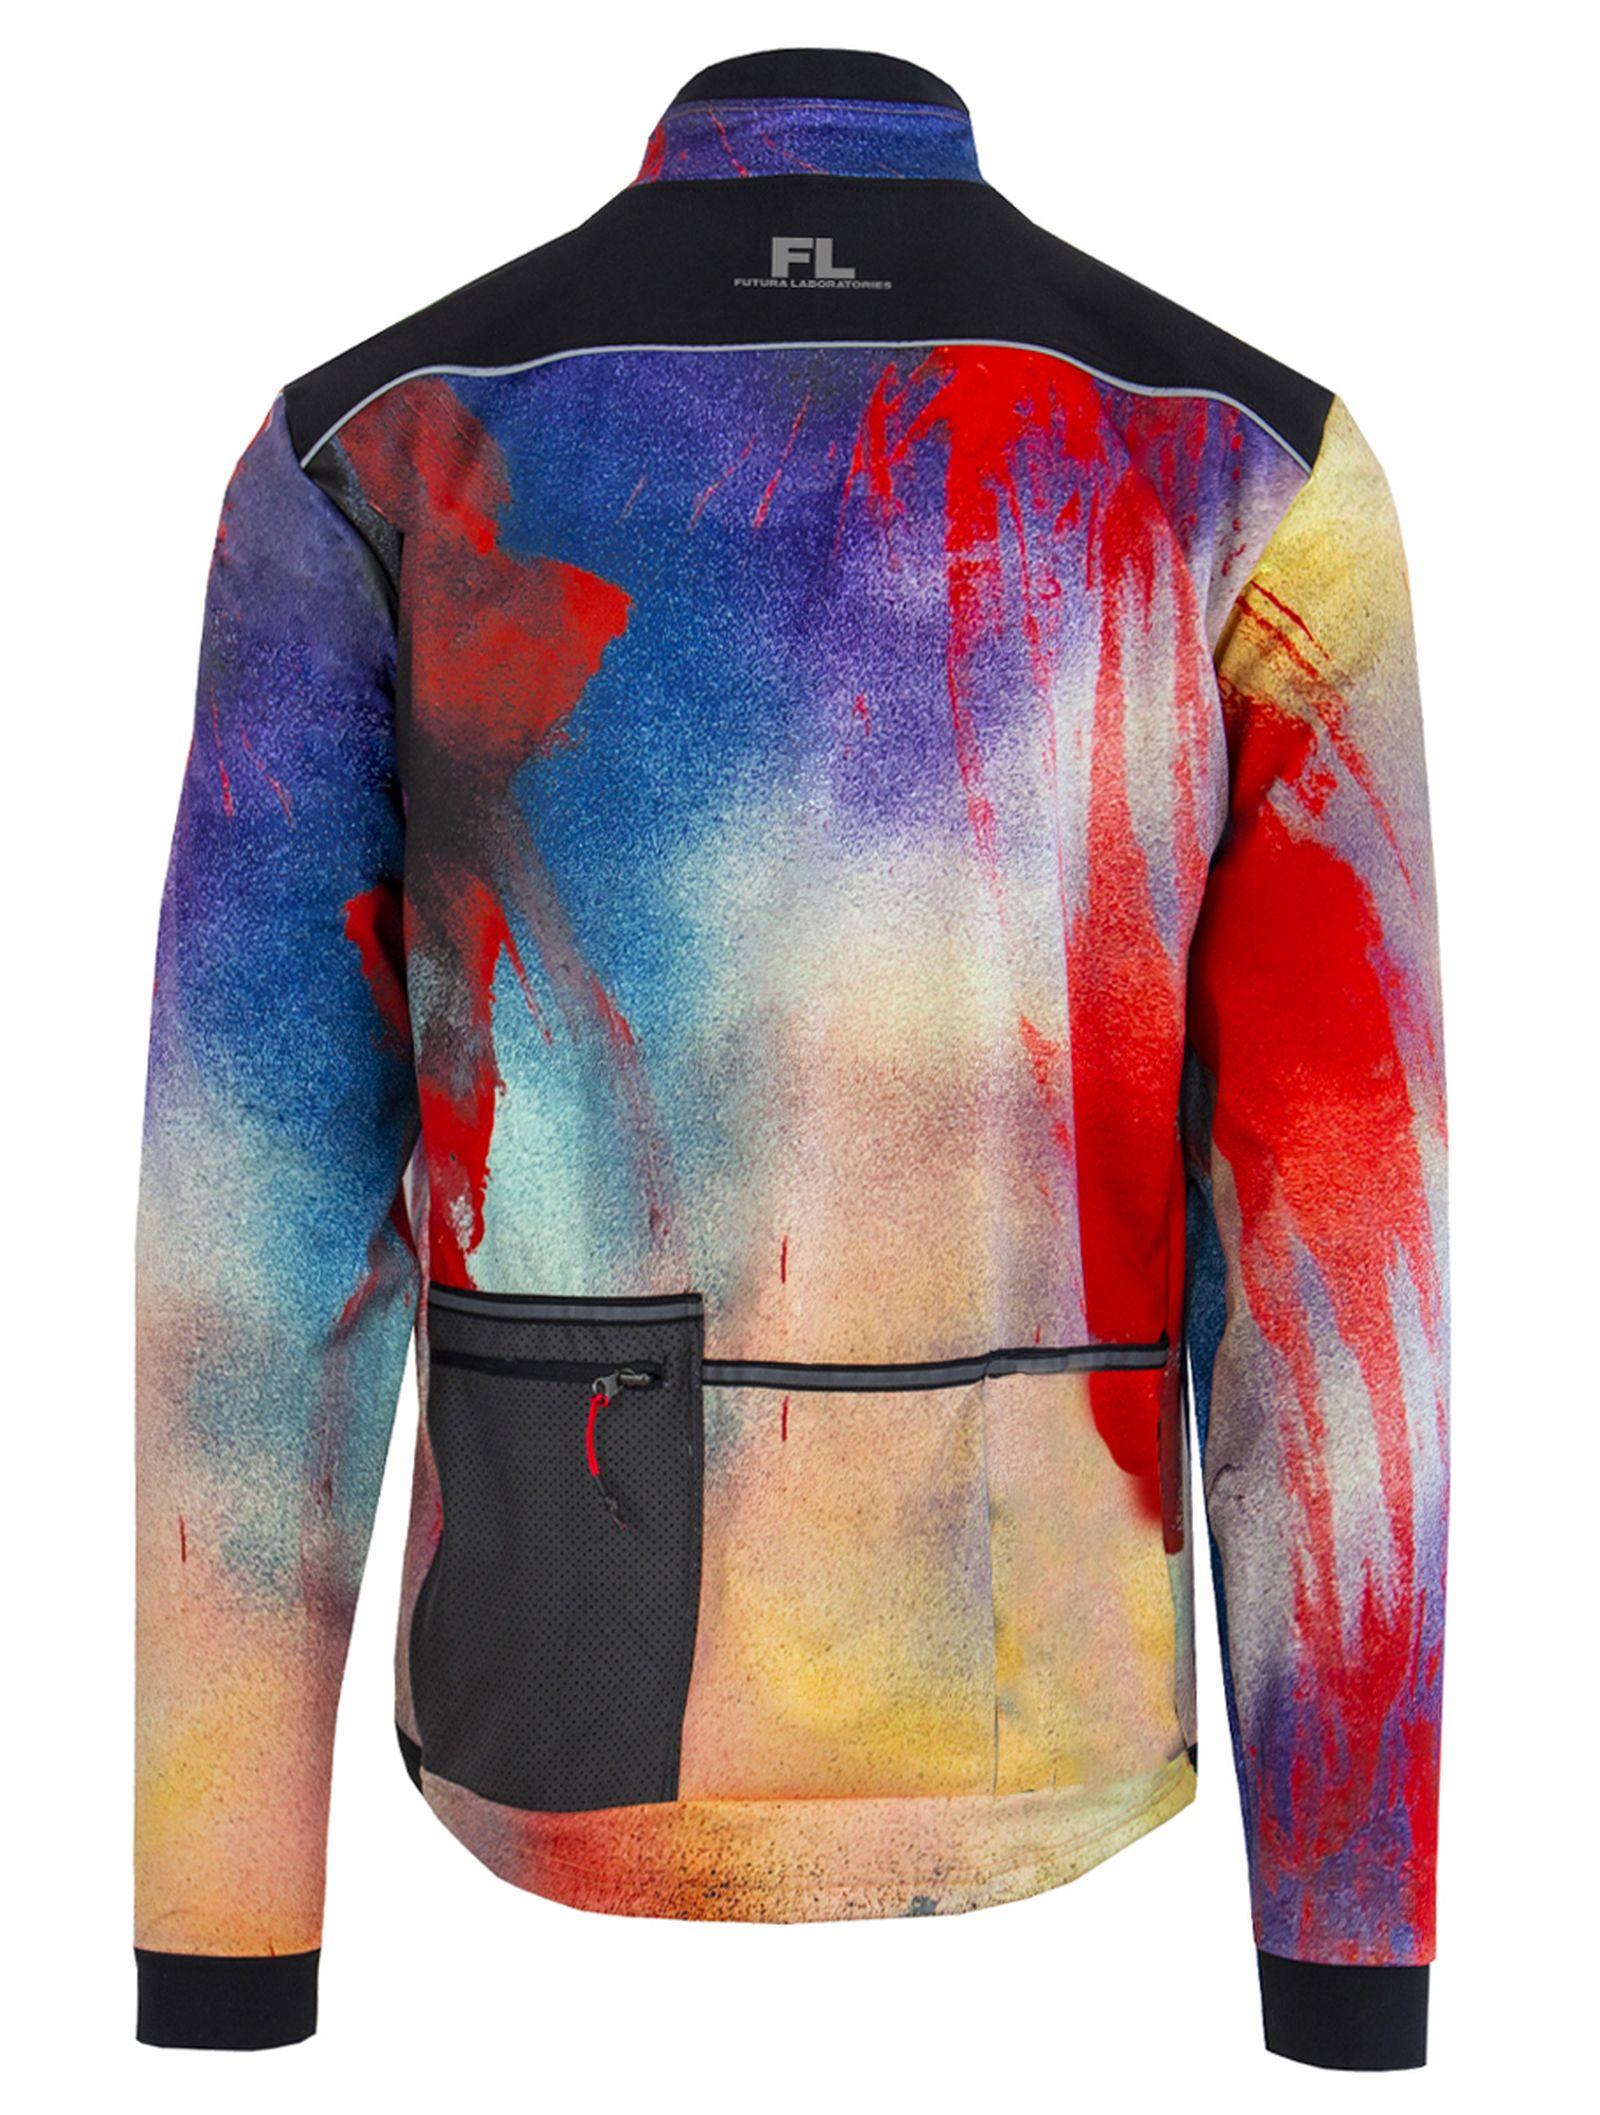 futura_cinelli-apparel-collab- (10)